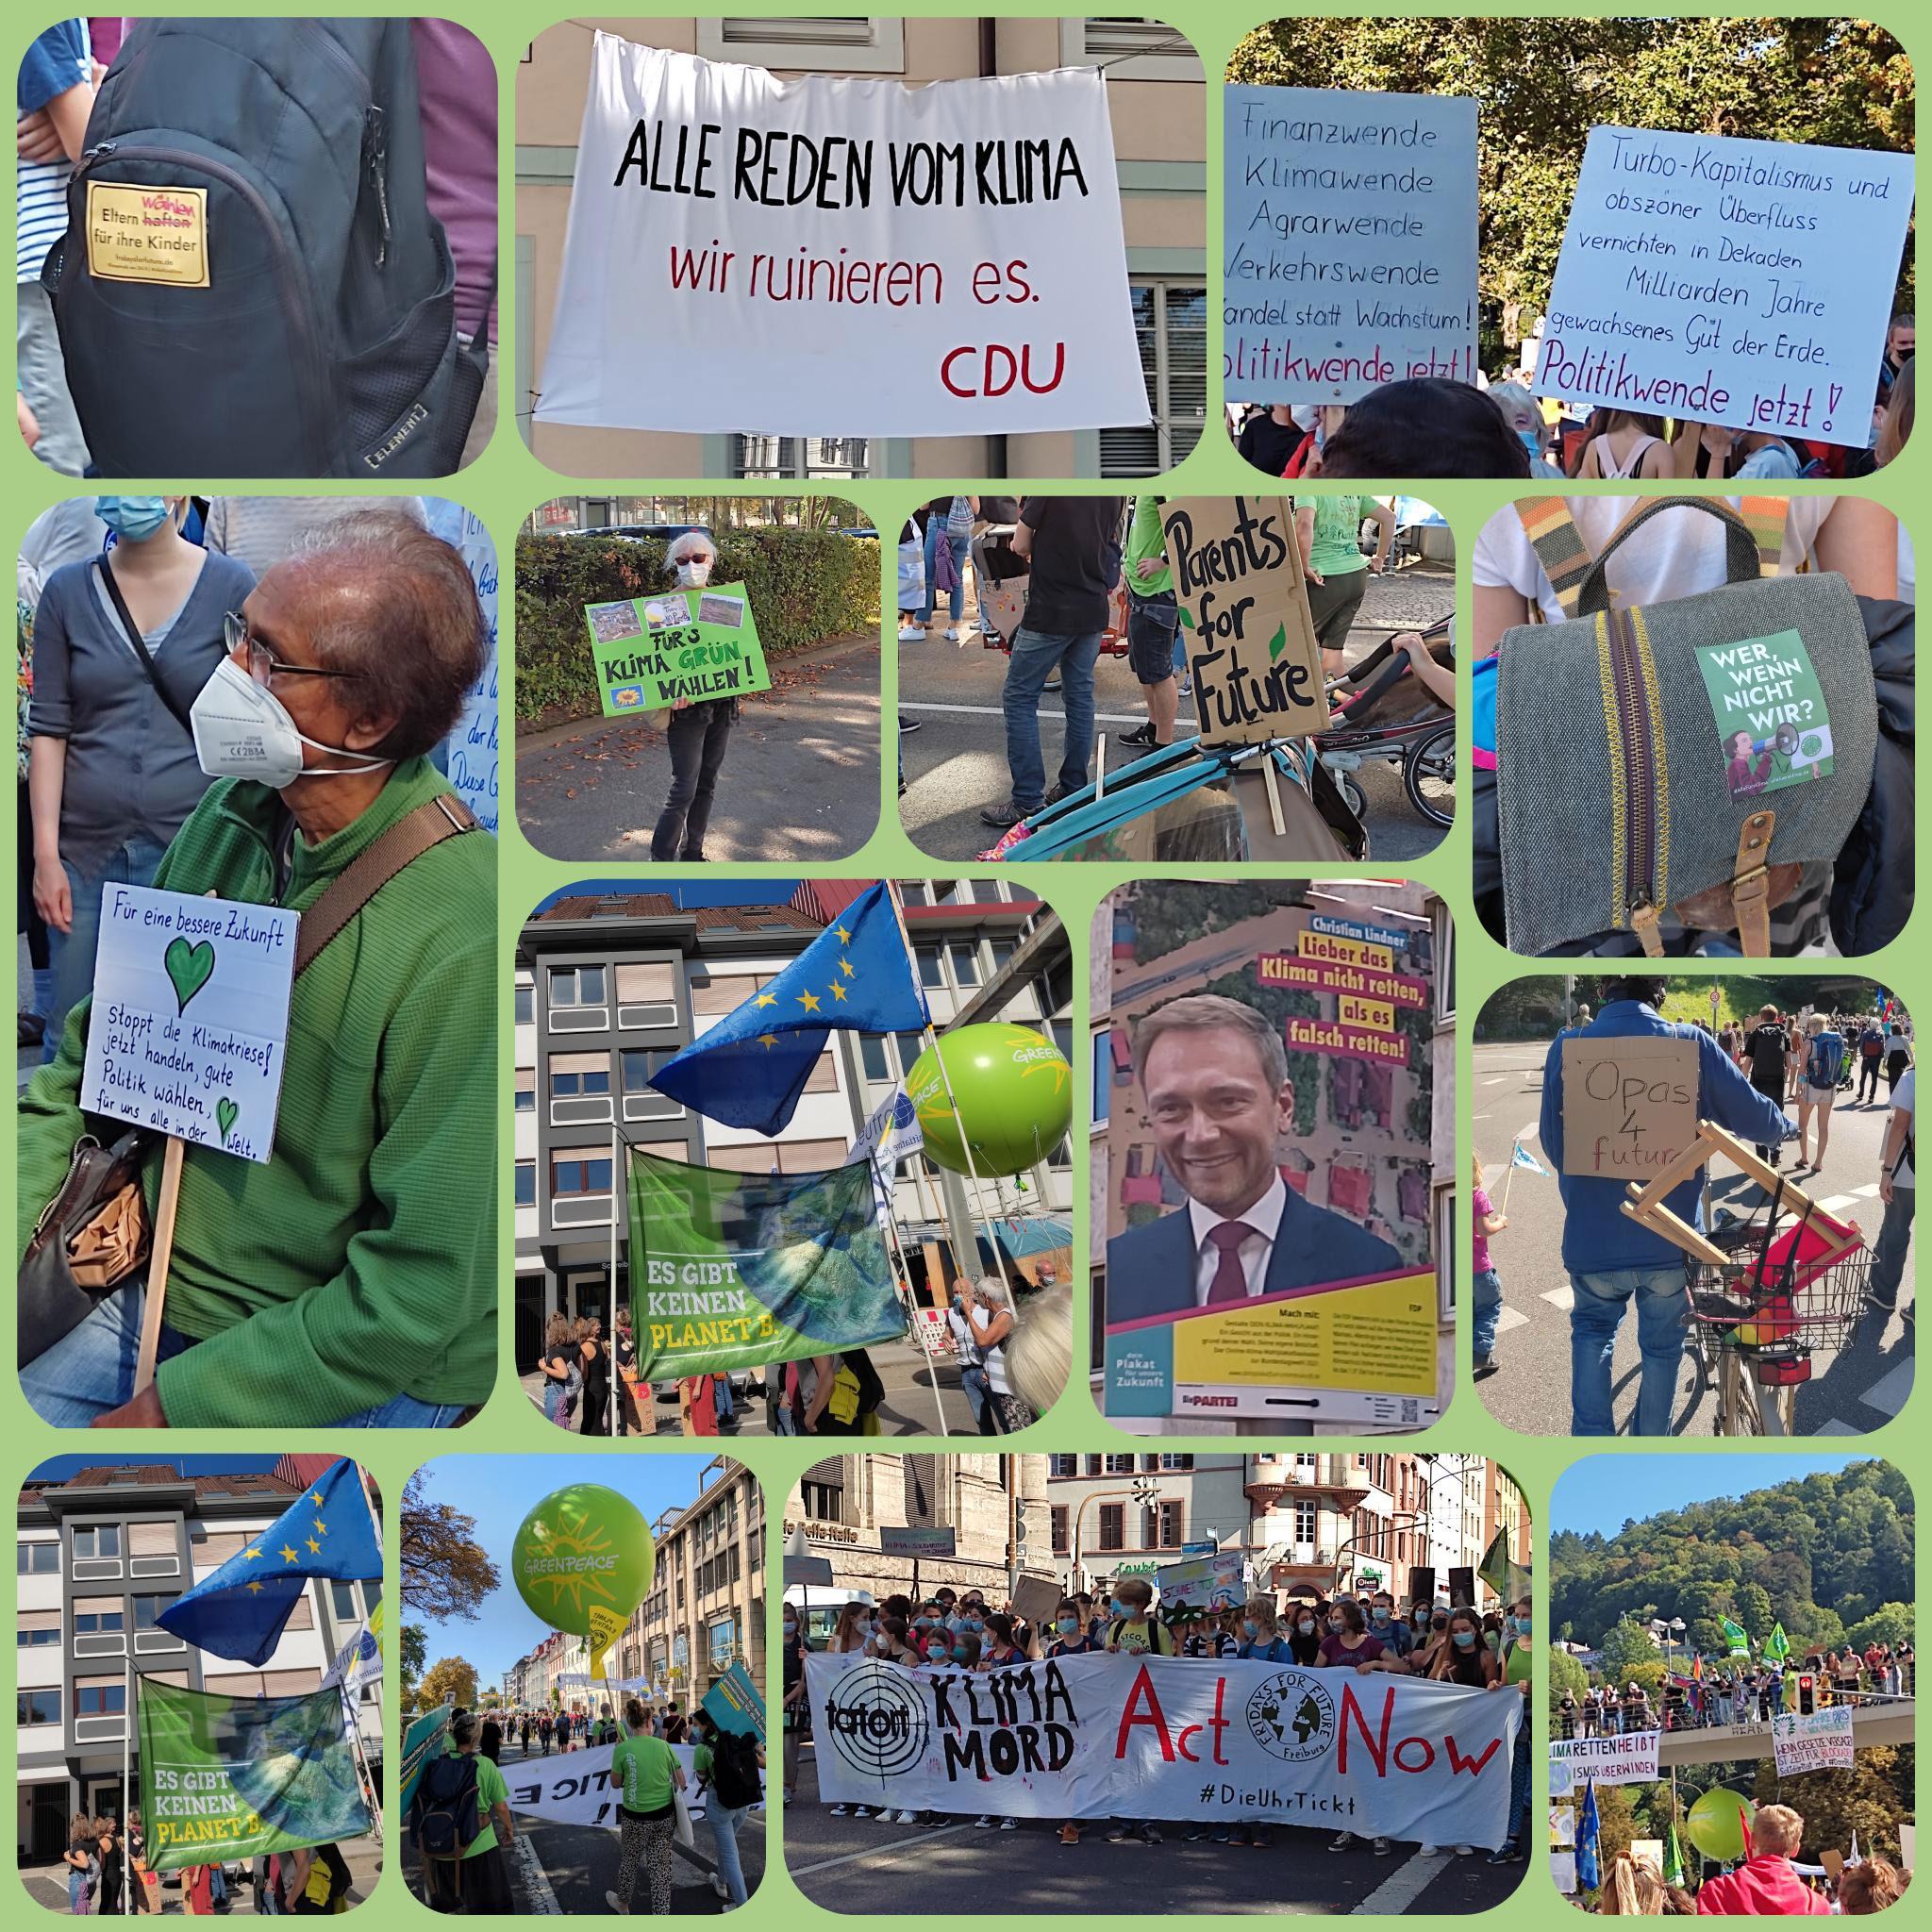 Globaler KLIMASTREIK 24.9.2021 in Freiburg